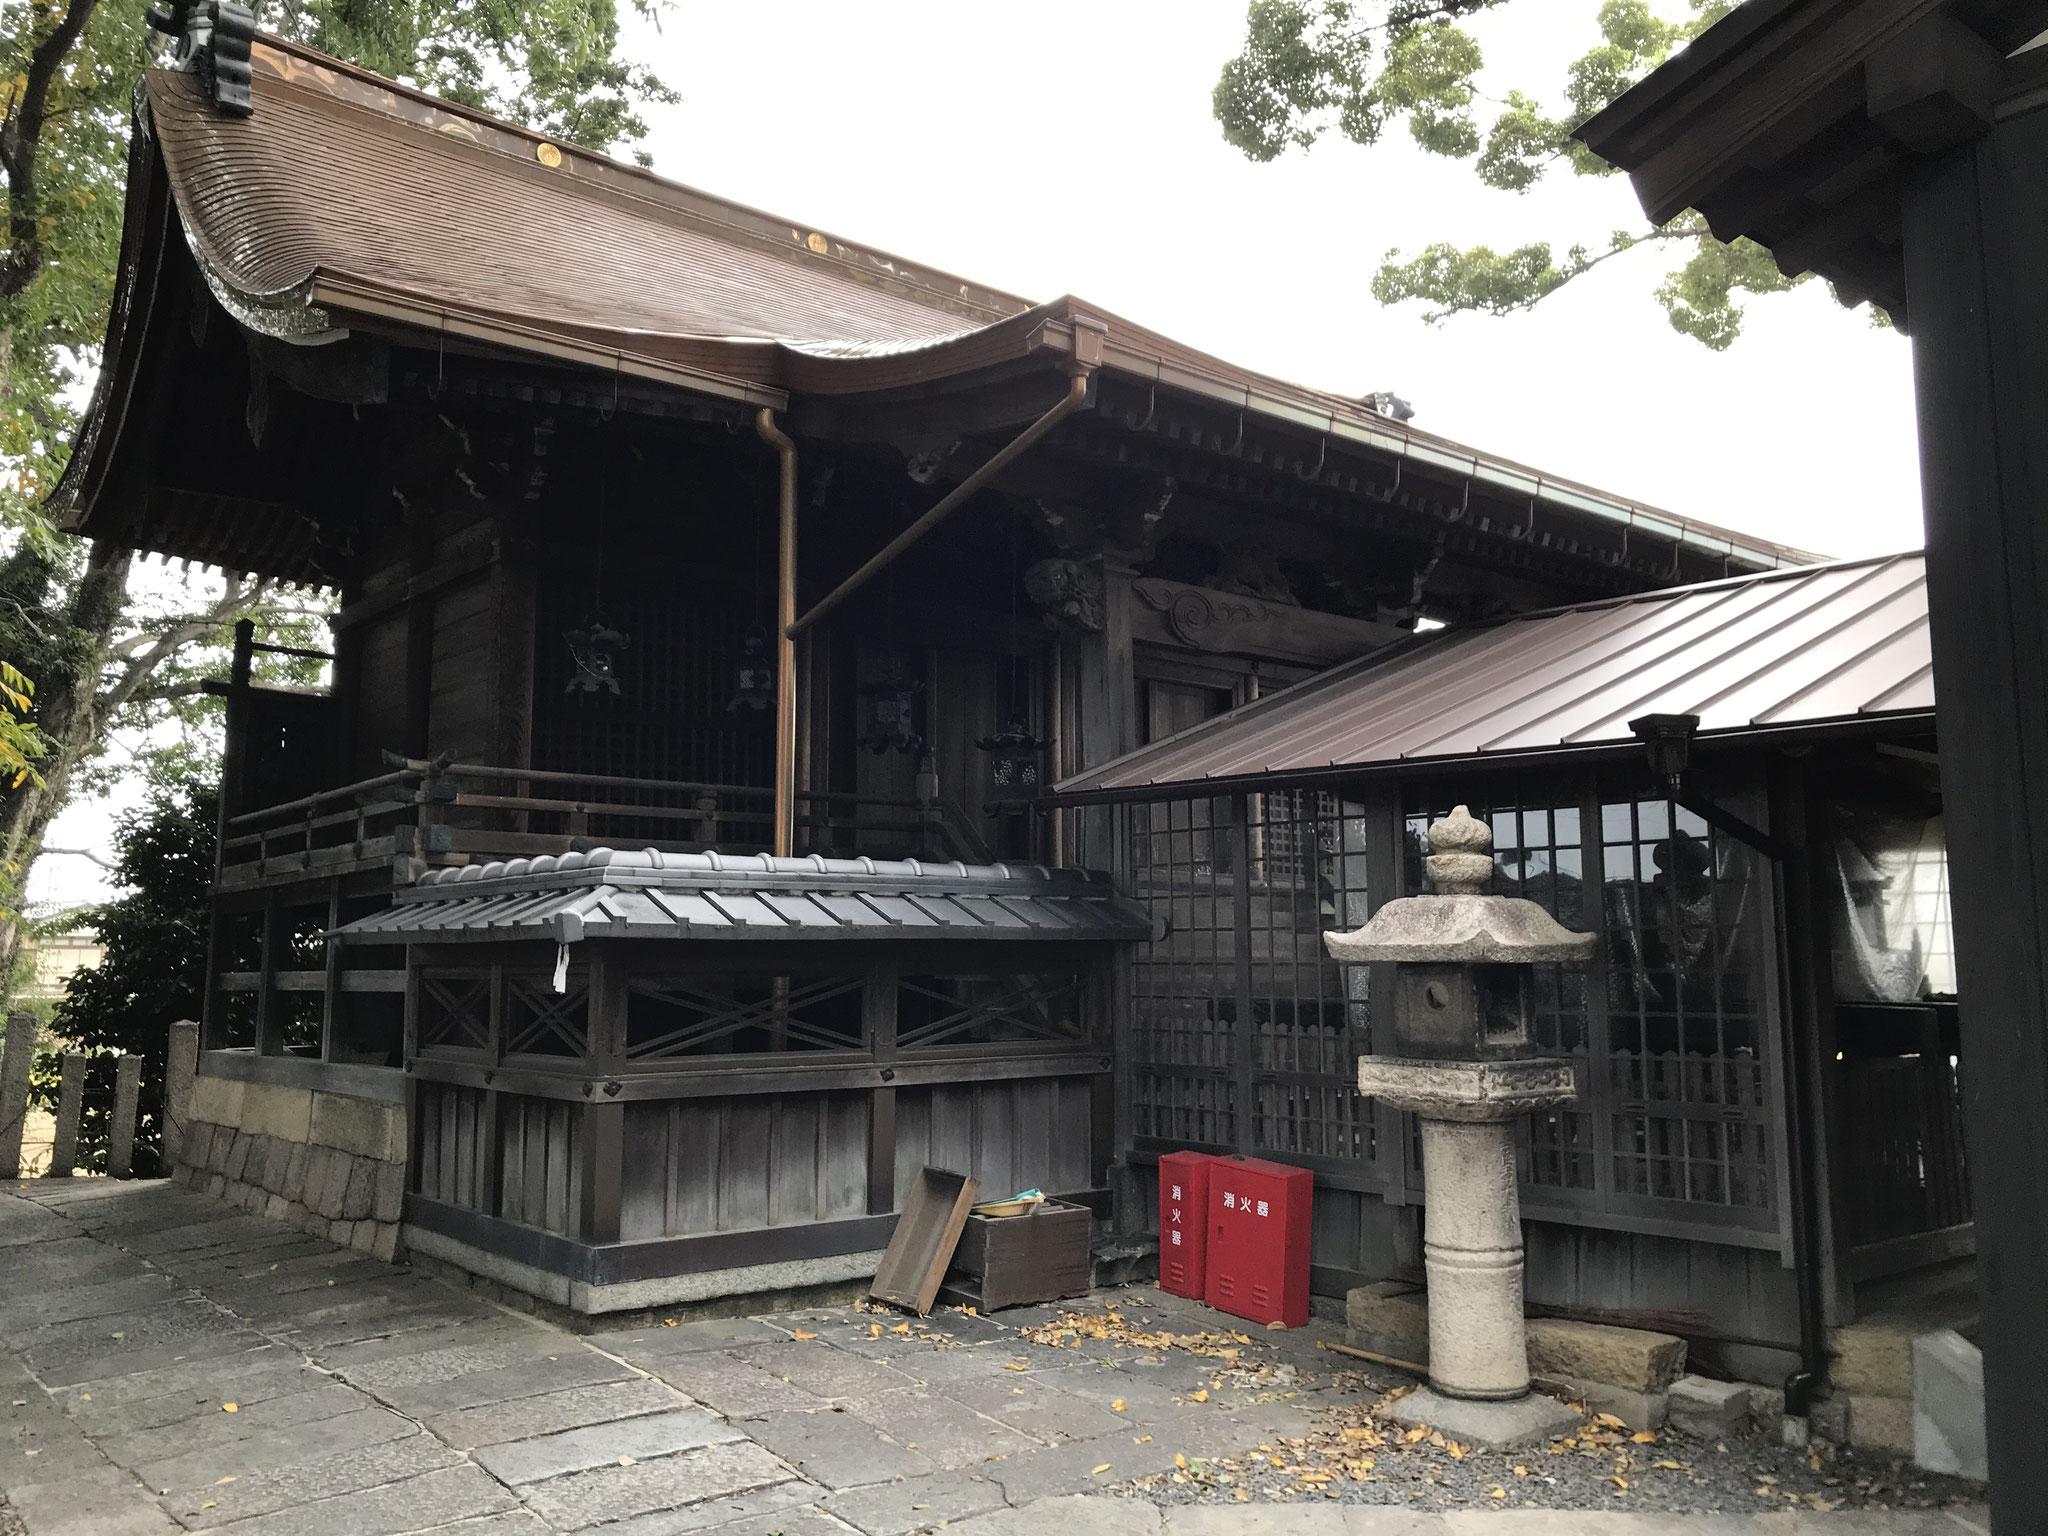 檜皮葺から銅板に葺き替えた本殿屋根